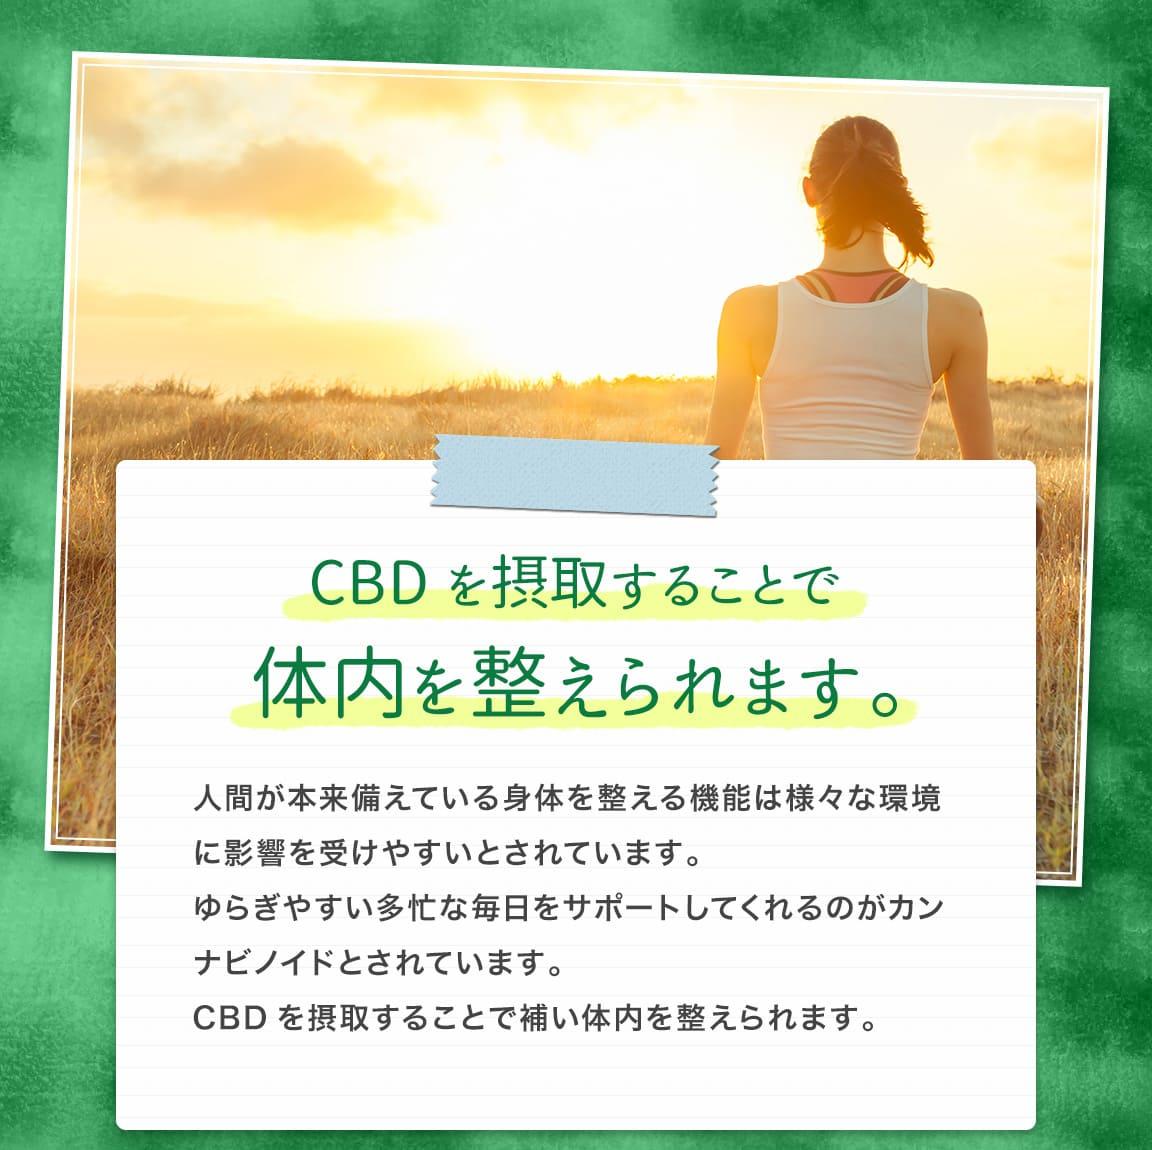 CBDを摂取することで体調を整えられます。